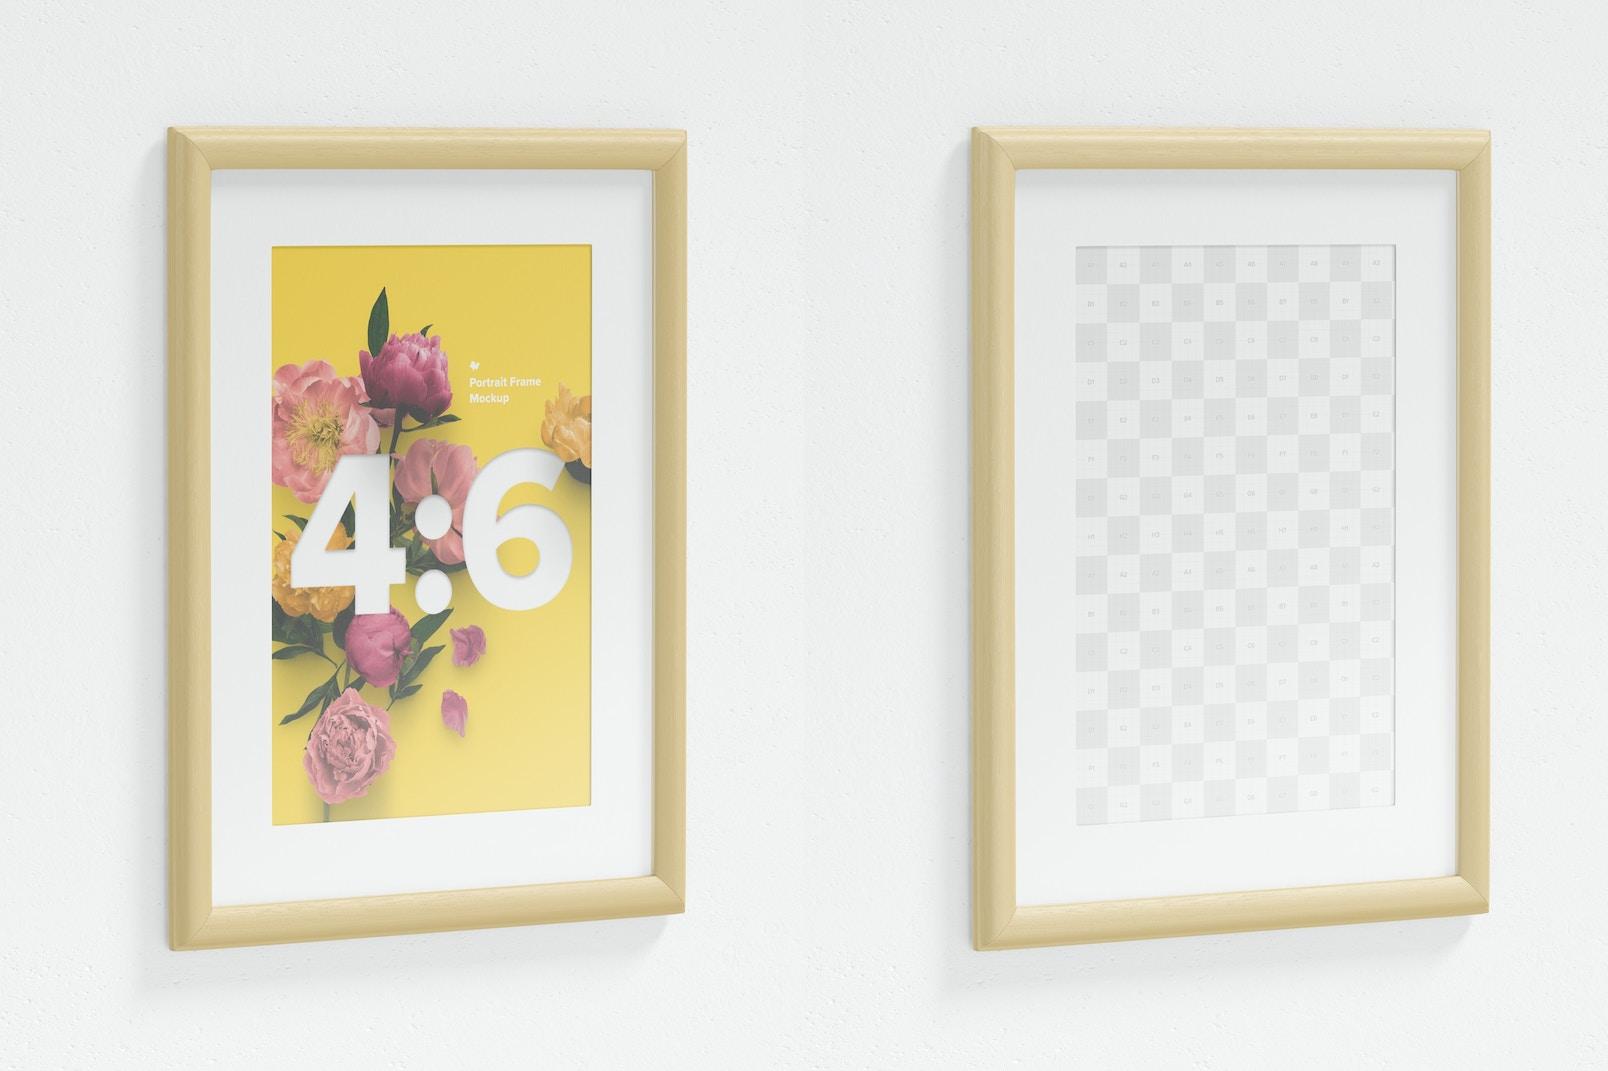 4:6 Portrait Frame Mockup, Left View